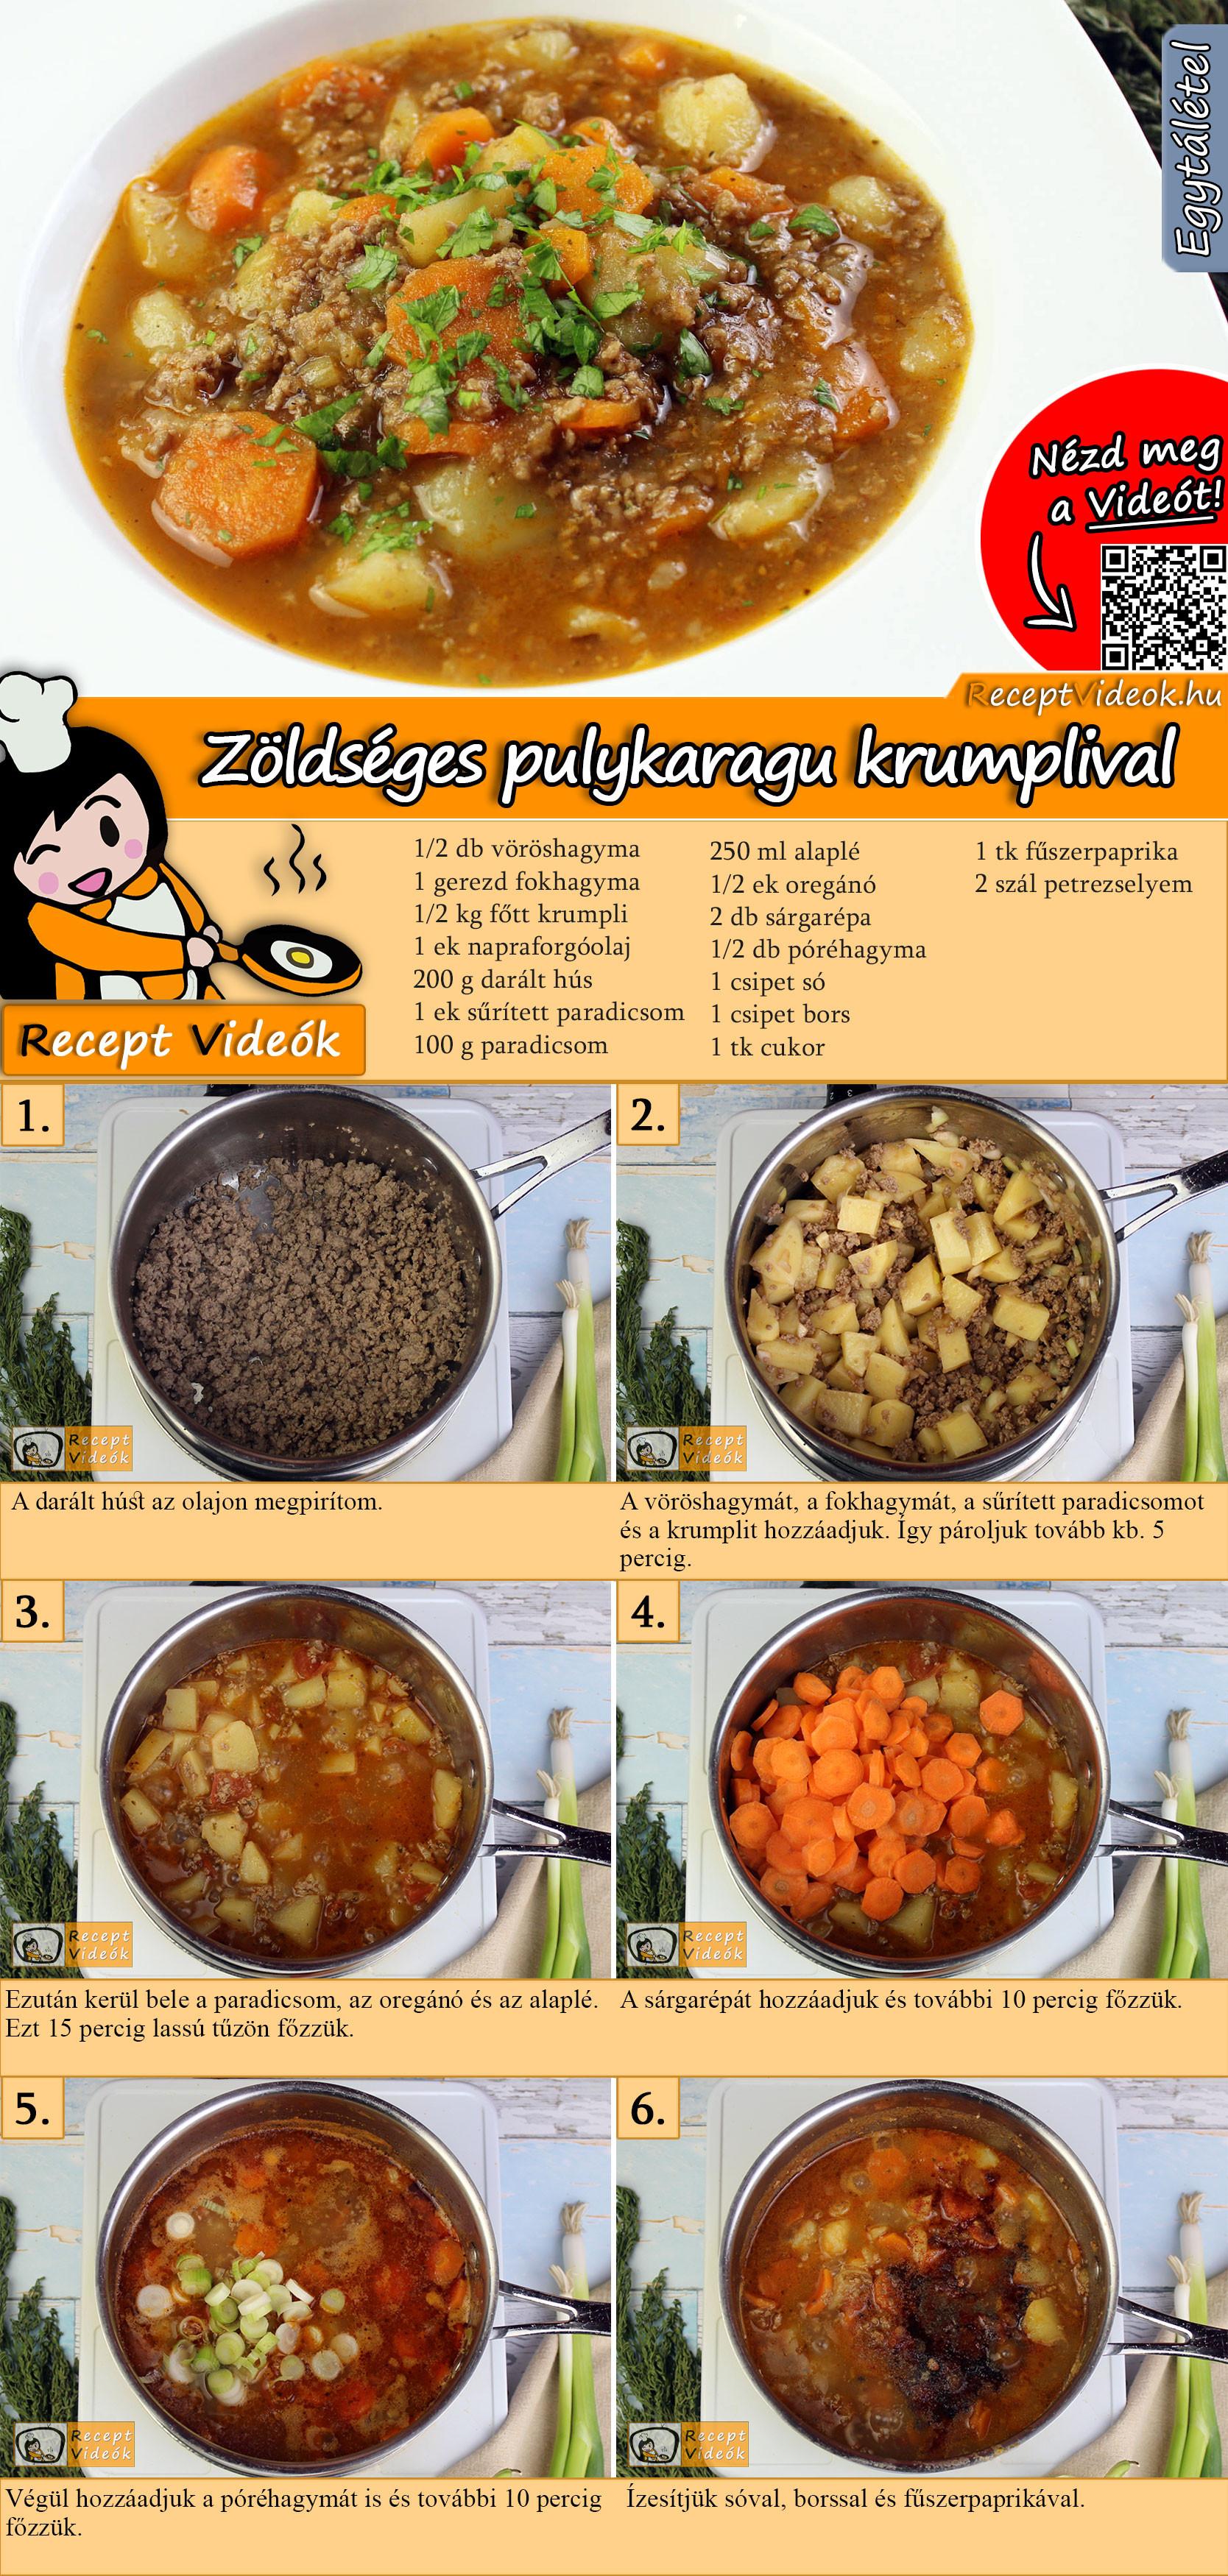 Zöldséges pulykaragu krumplival recept elkészítése videóval